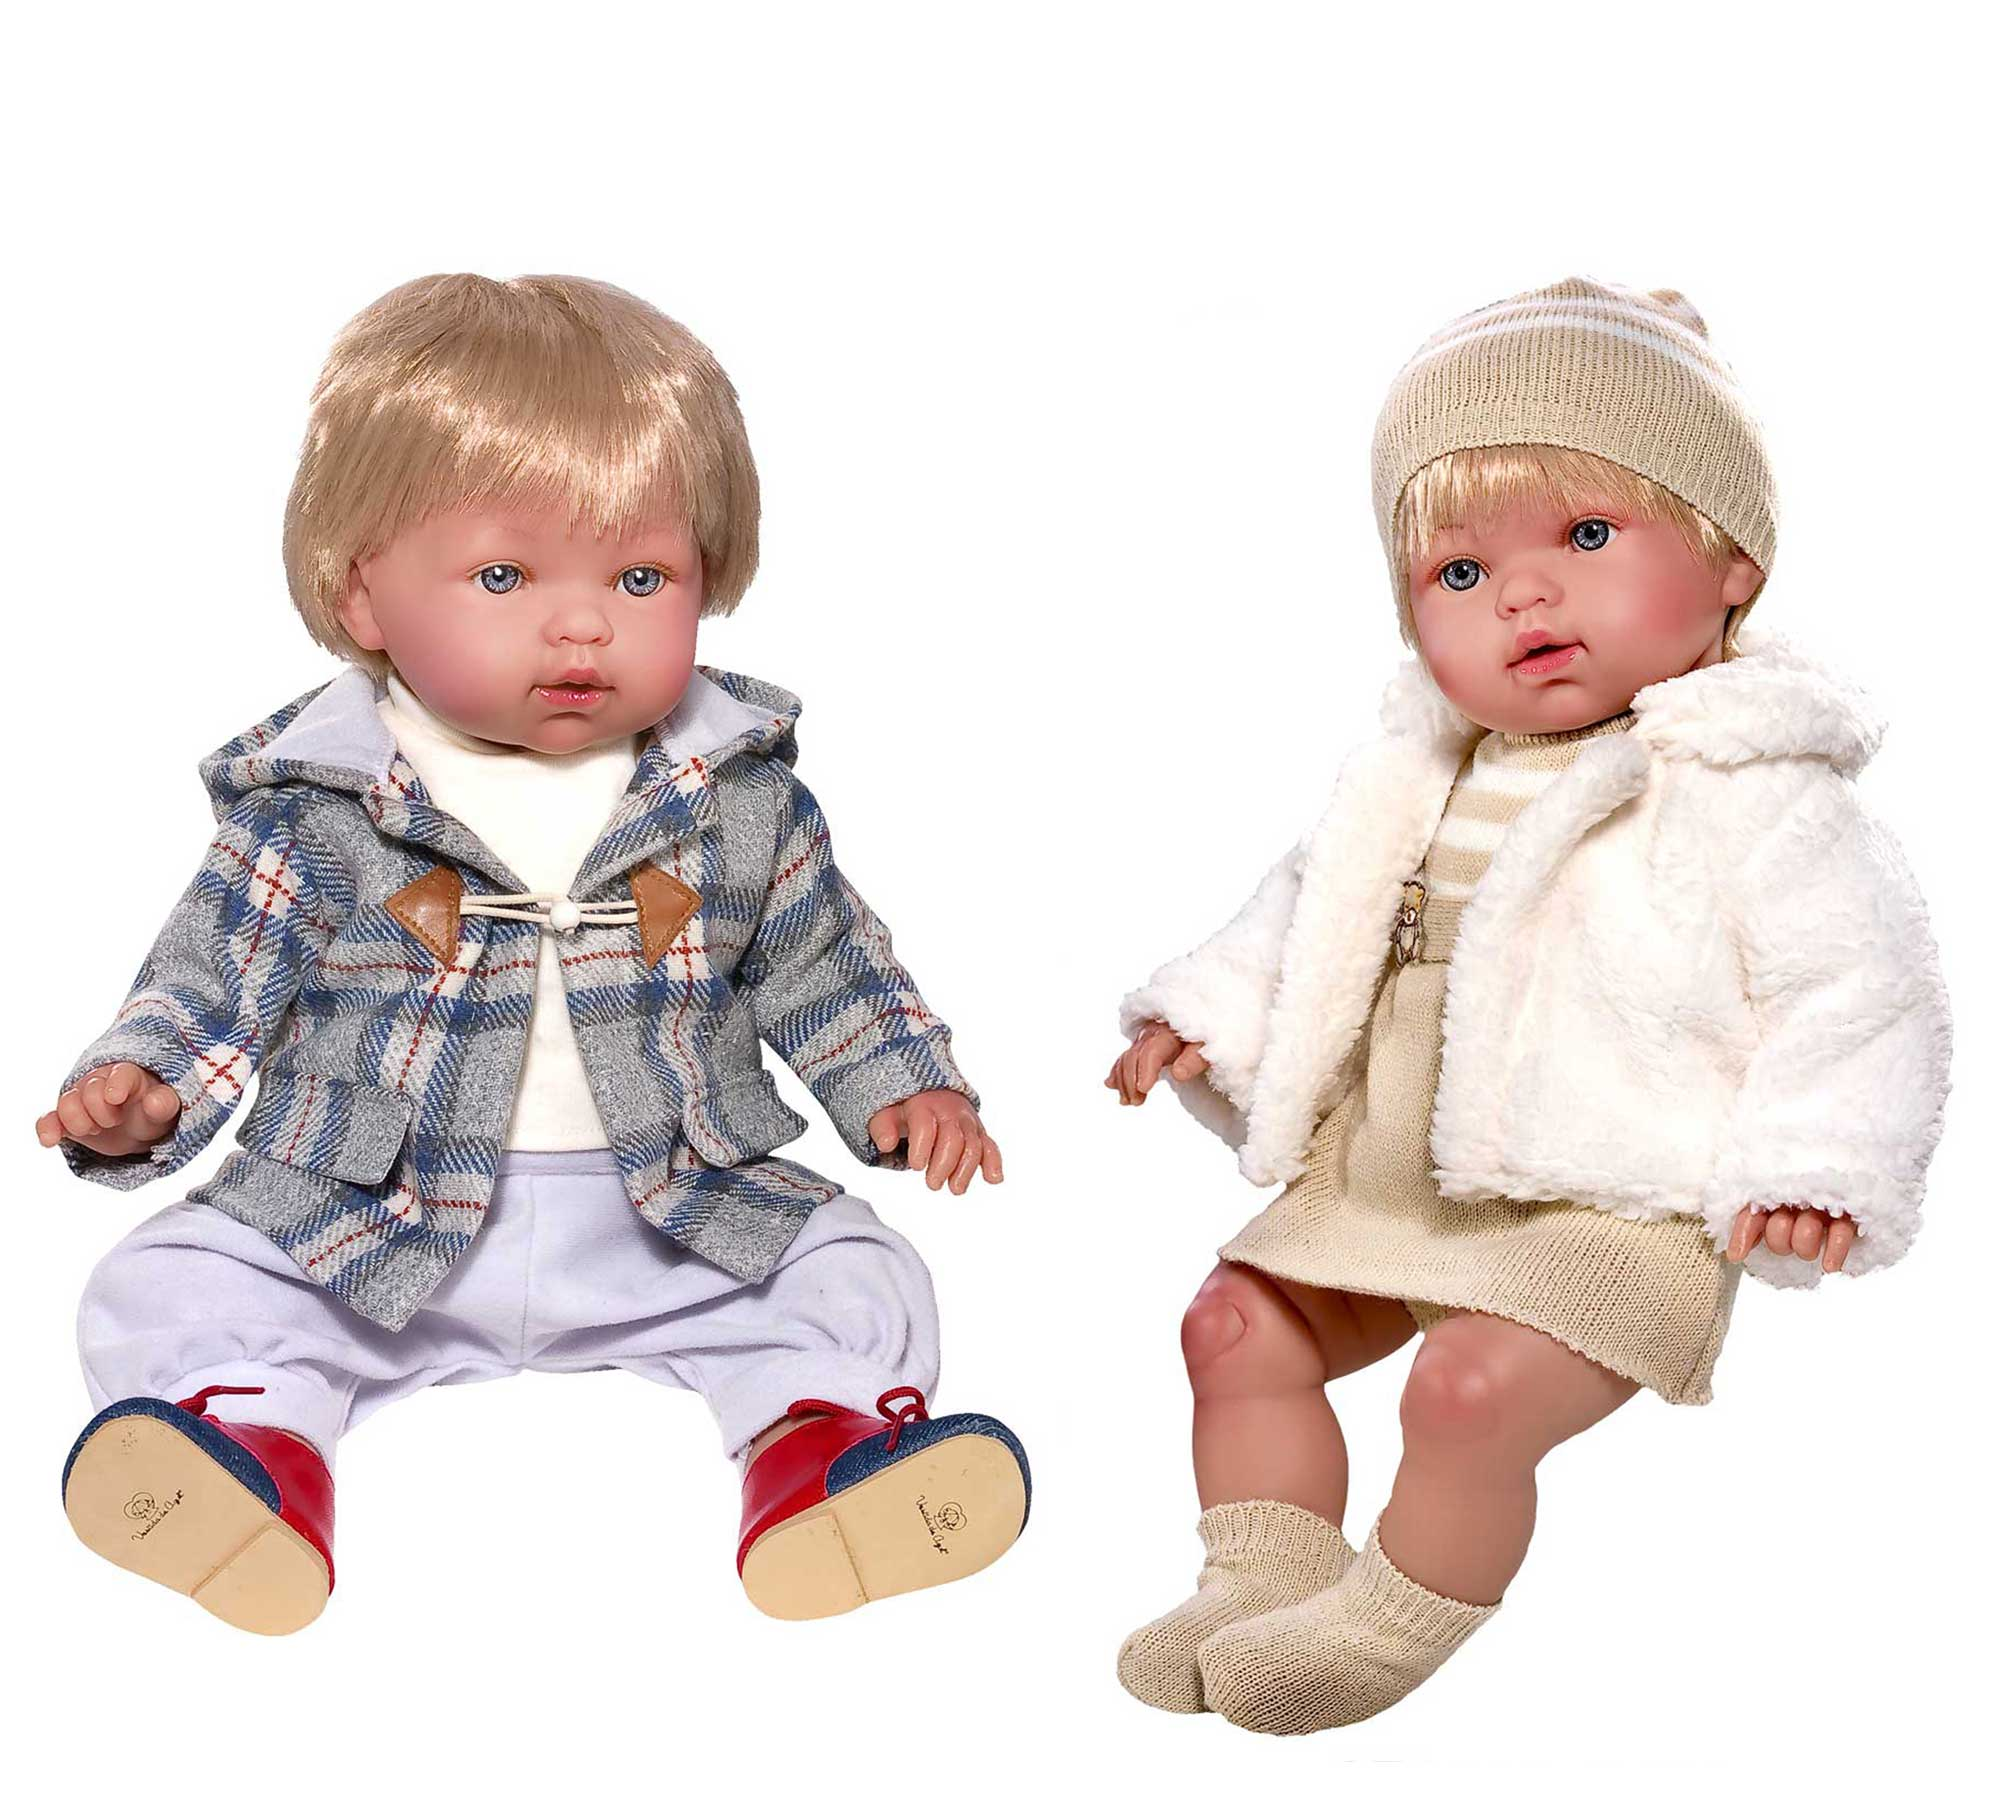 42-45cm Baby Dolls Marina & Tonino